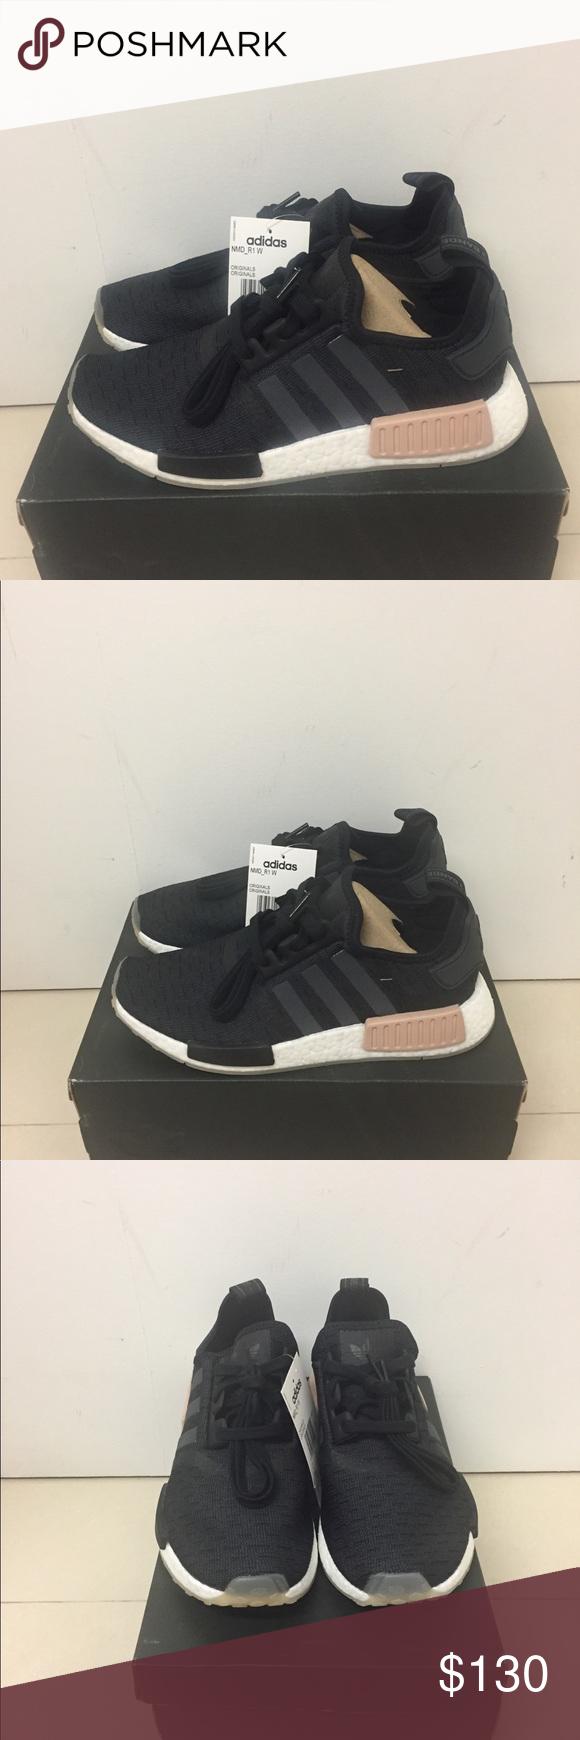 2a74677e3fca1 Nmd R1 Black Indigo CQ2011 Brand new 100% authentic Original box included  adidas Shoes Sneakers